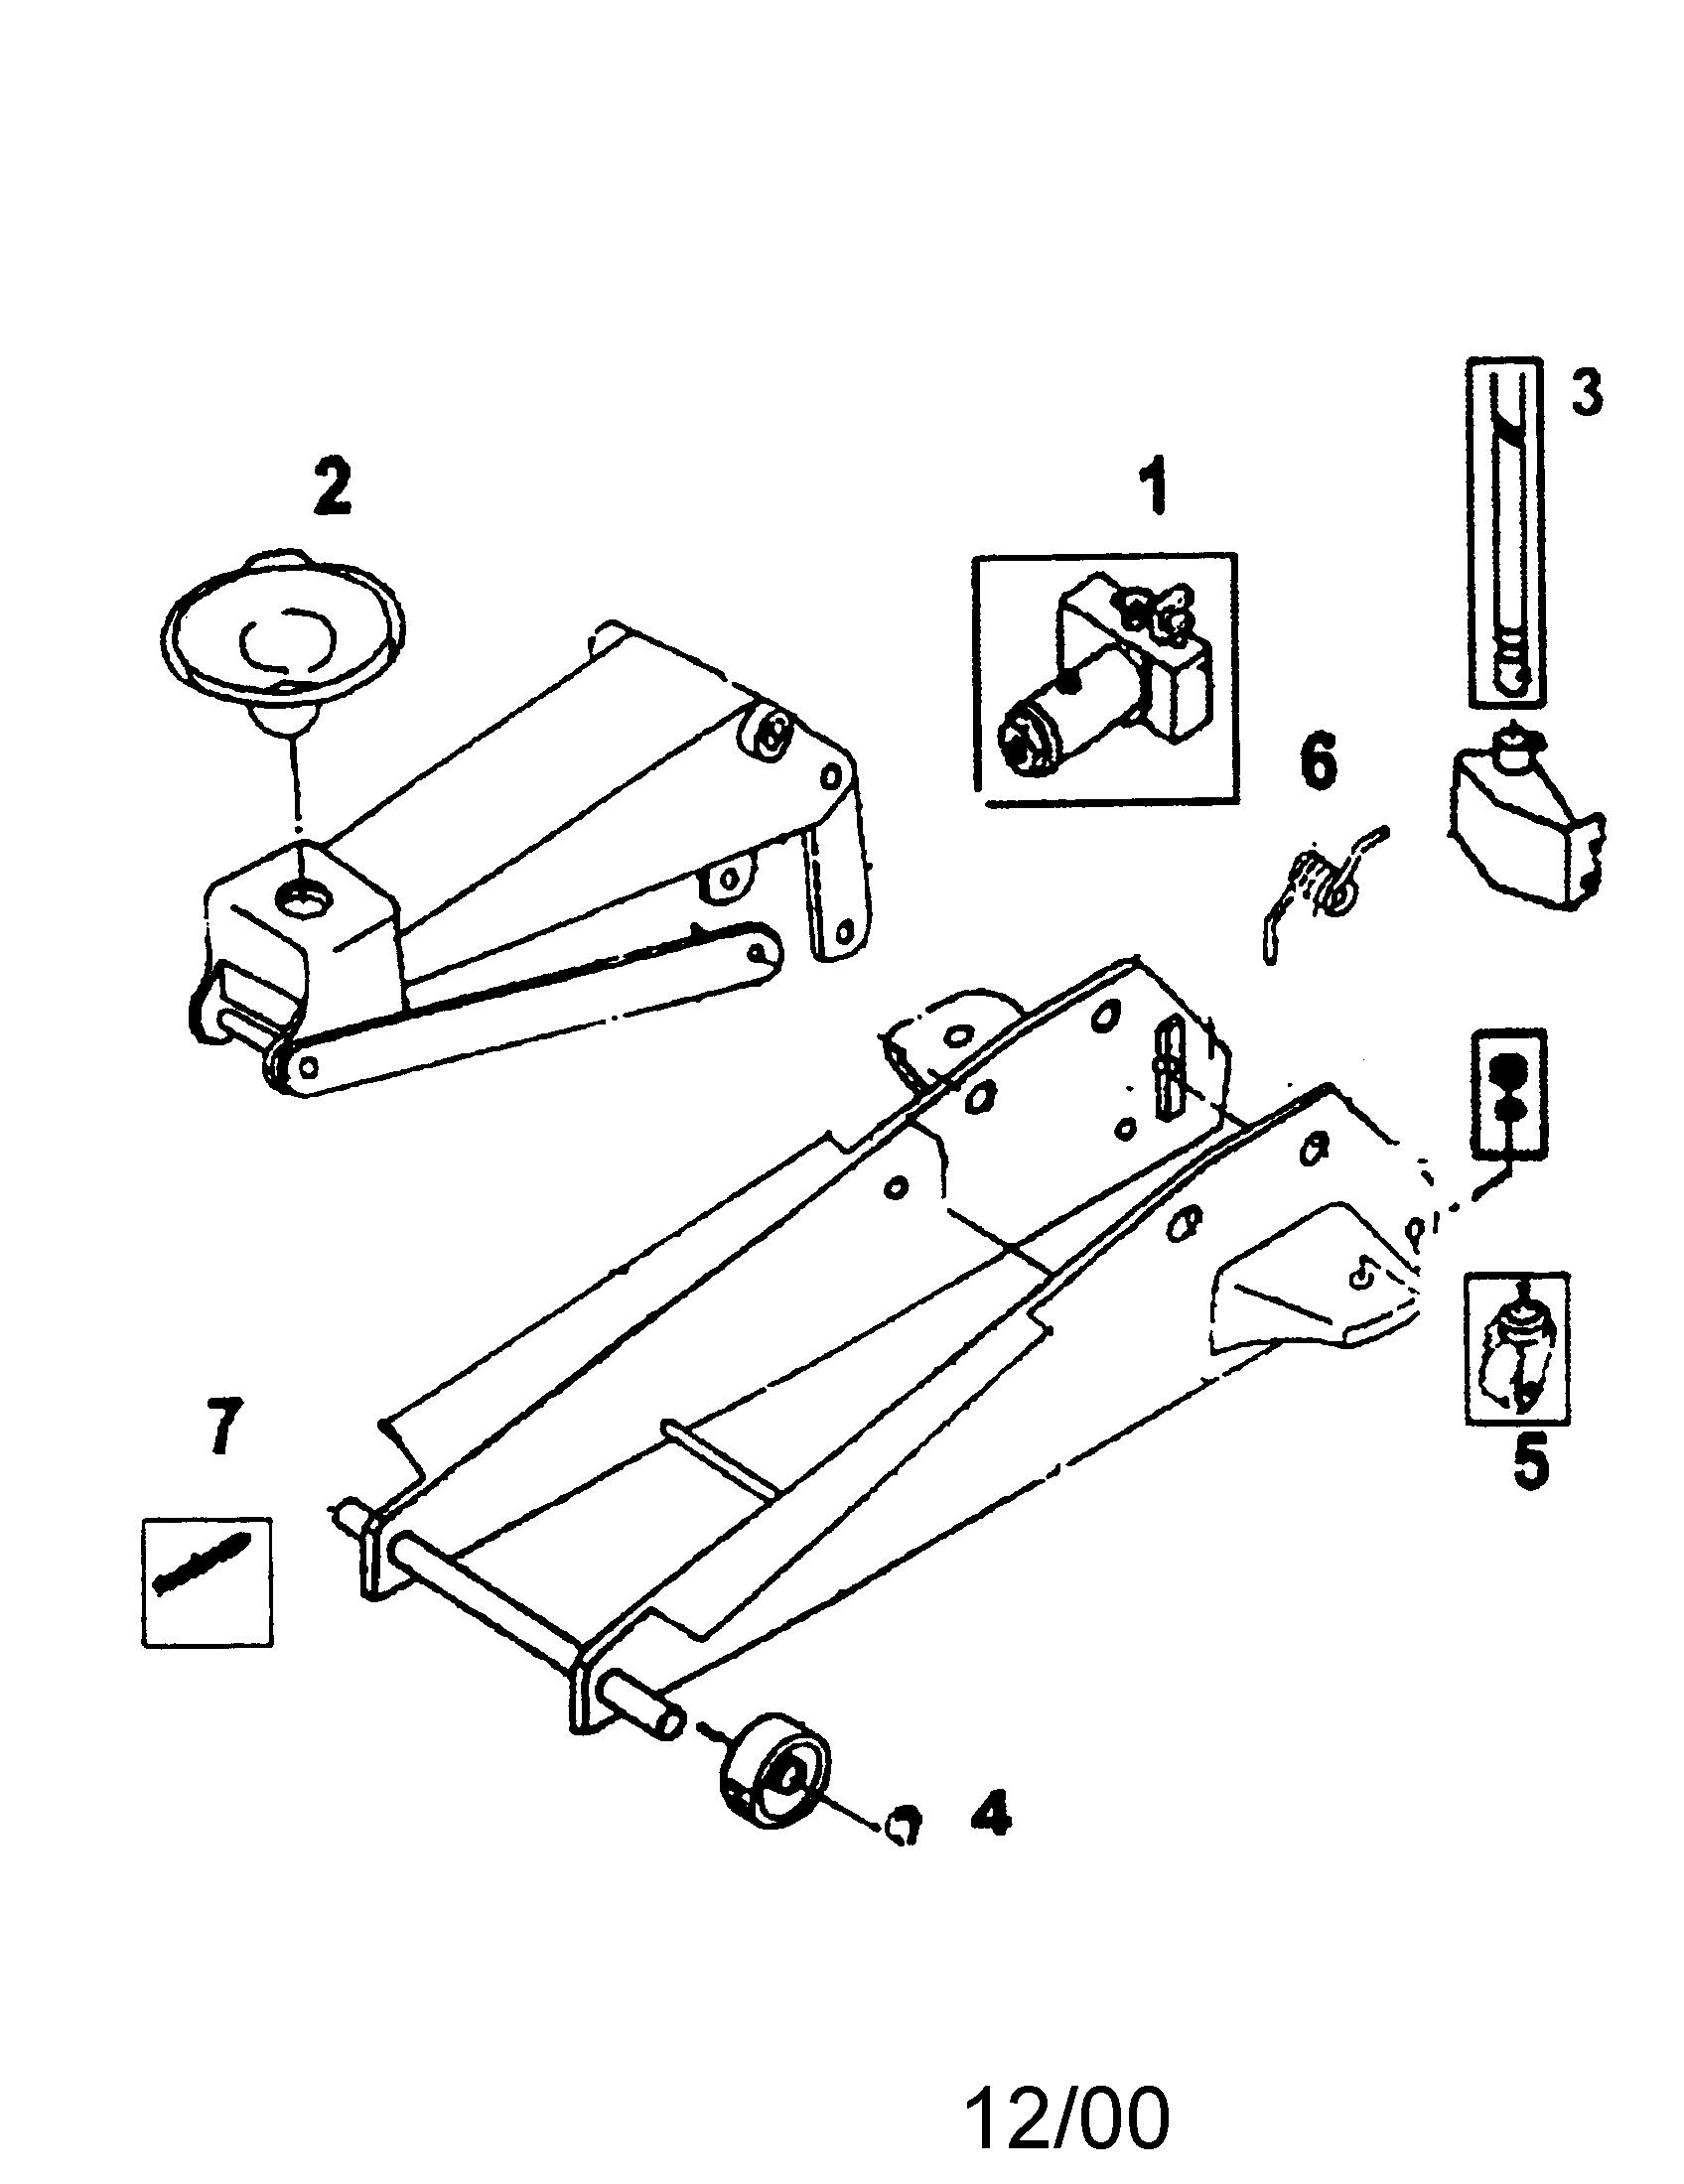 JACK Diagram & Parts List for Model 875501390 Craftsman